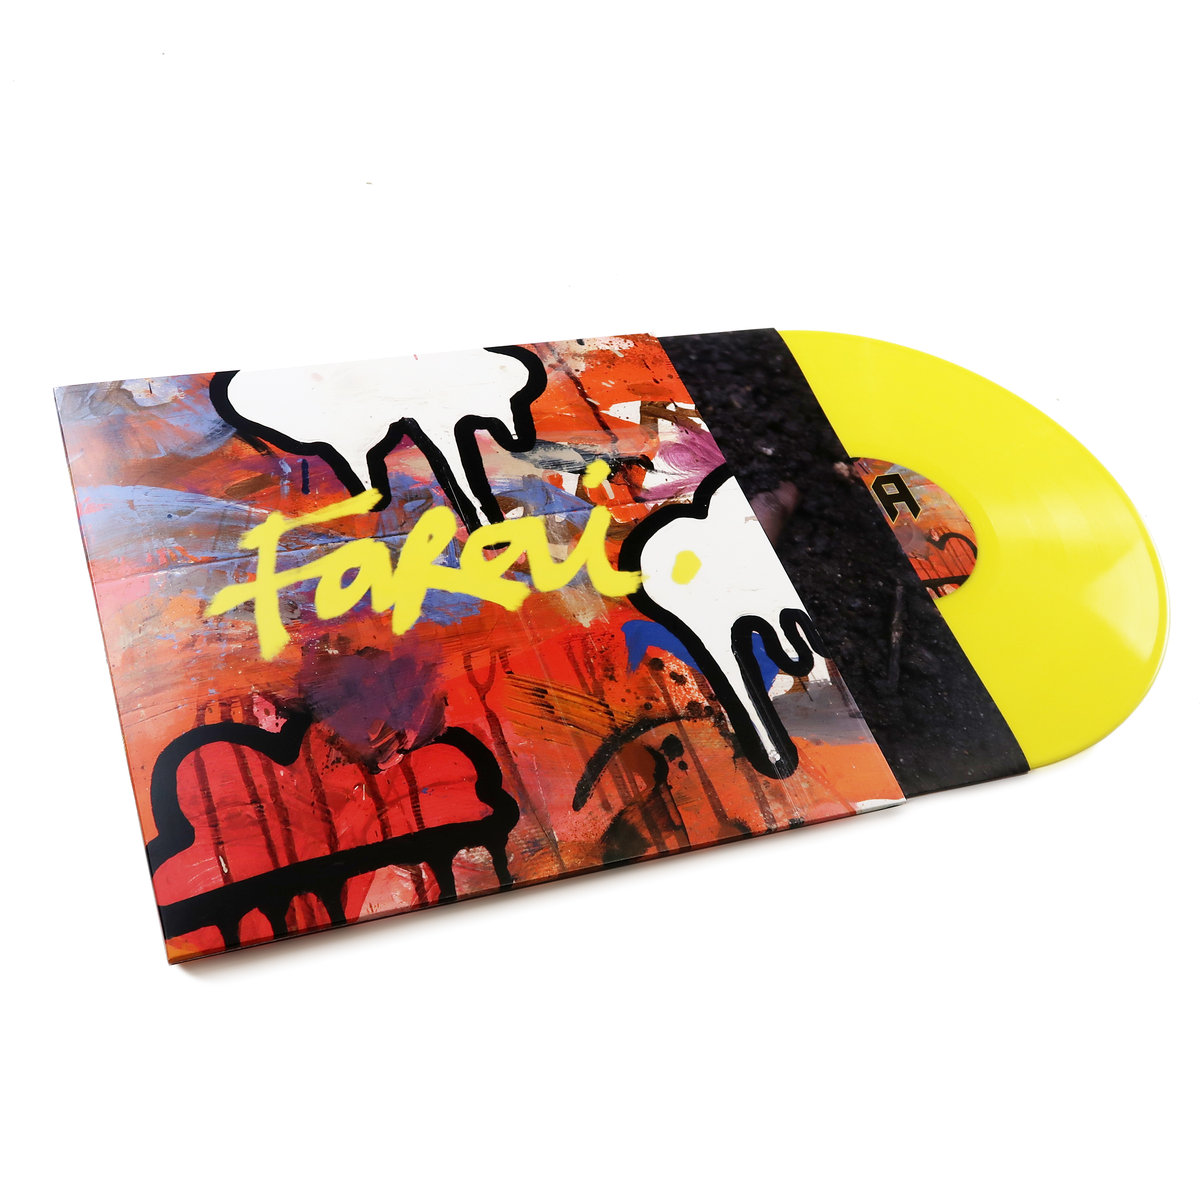 theartsdesk on Vinyl 45: Ian Dury, Janis Joplin, Oneohtrix Point